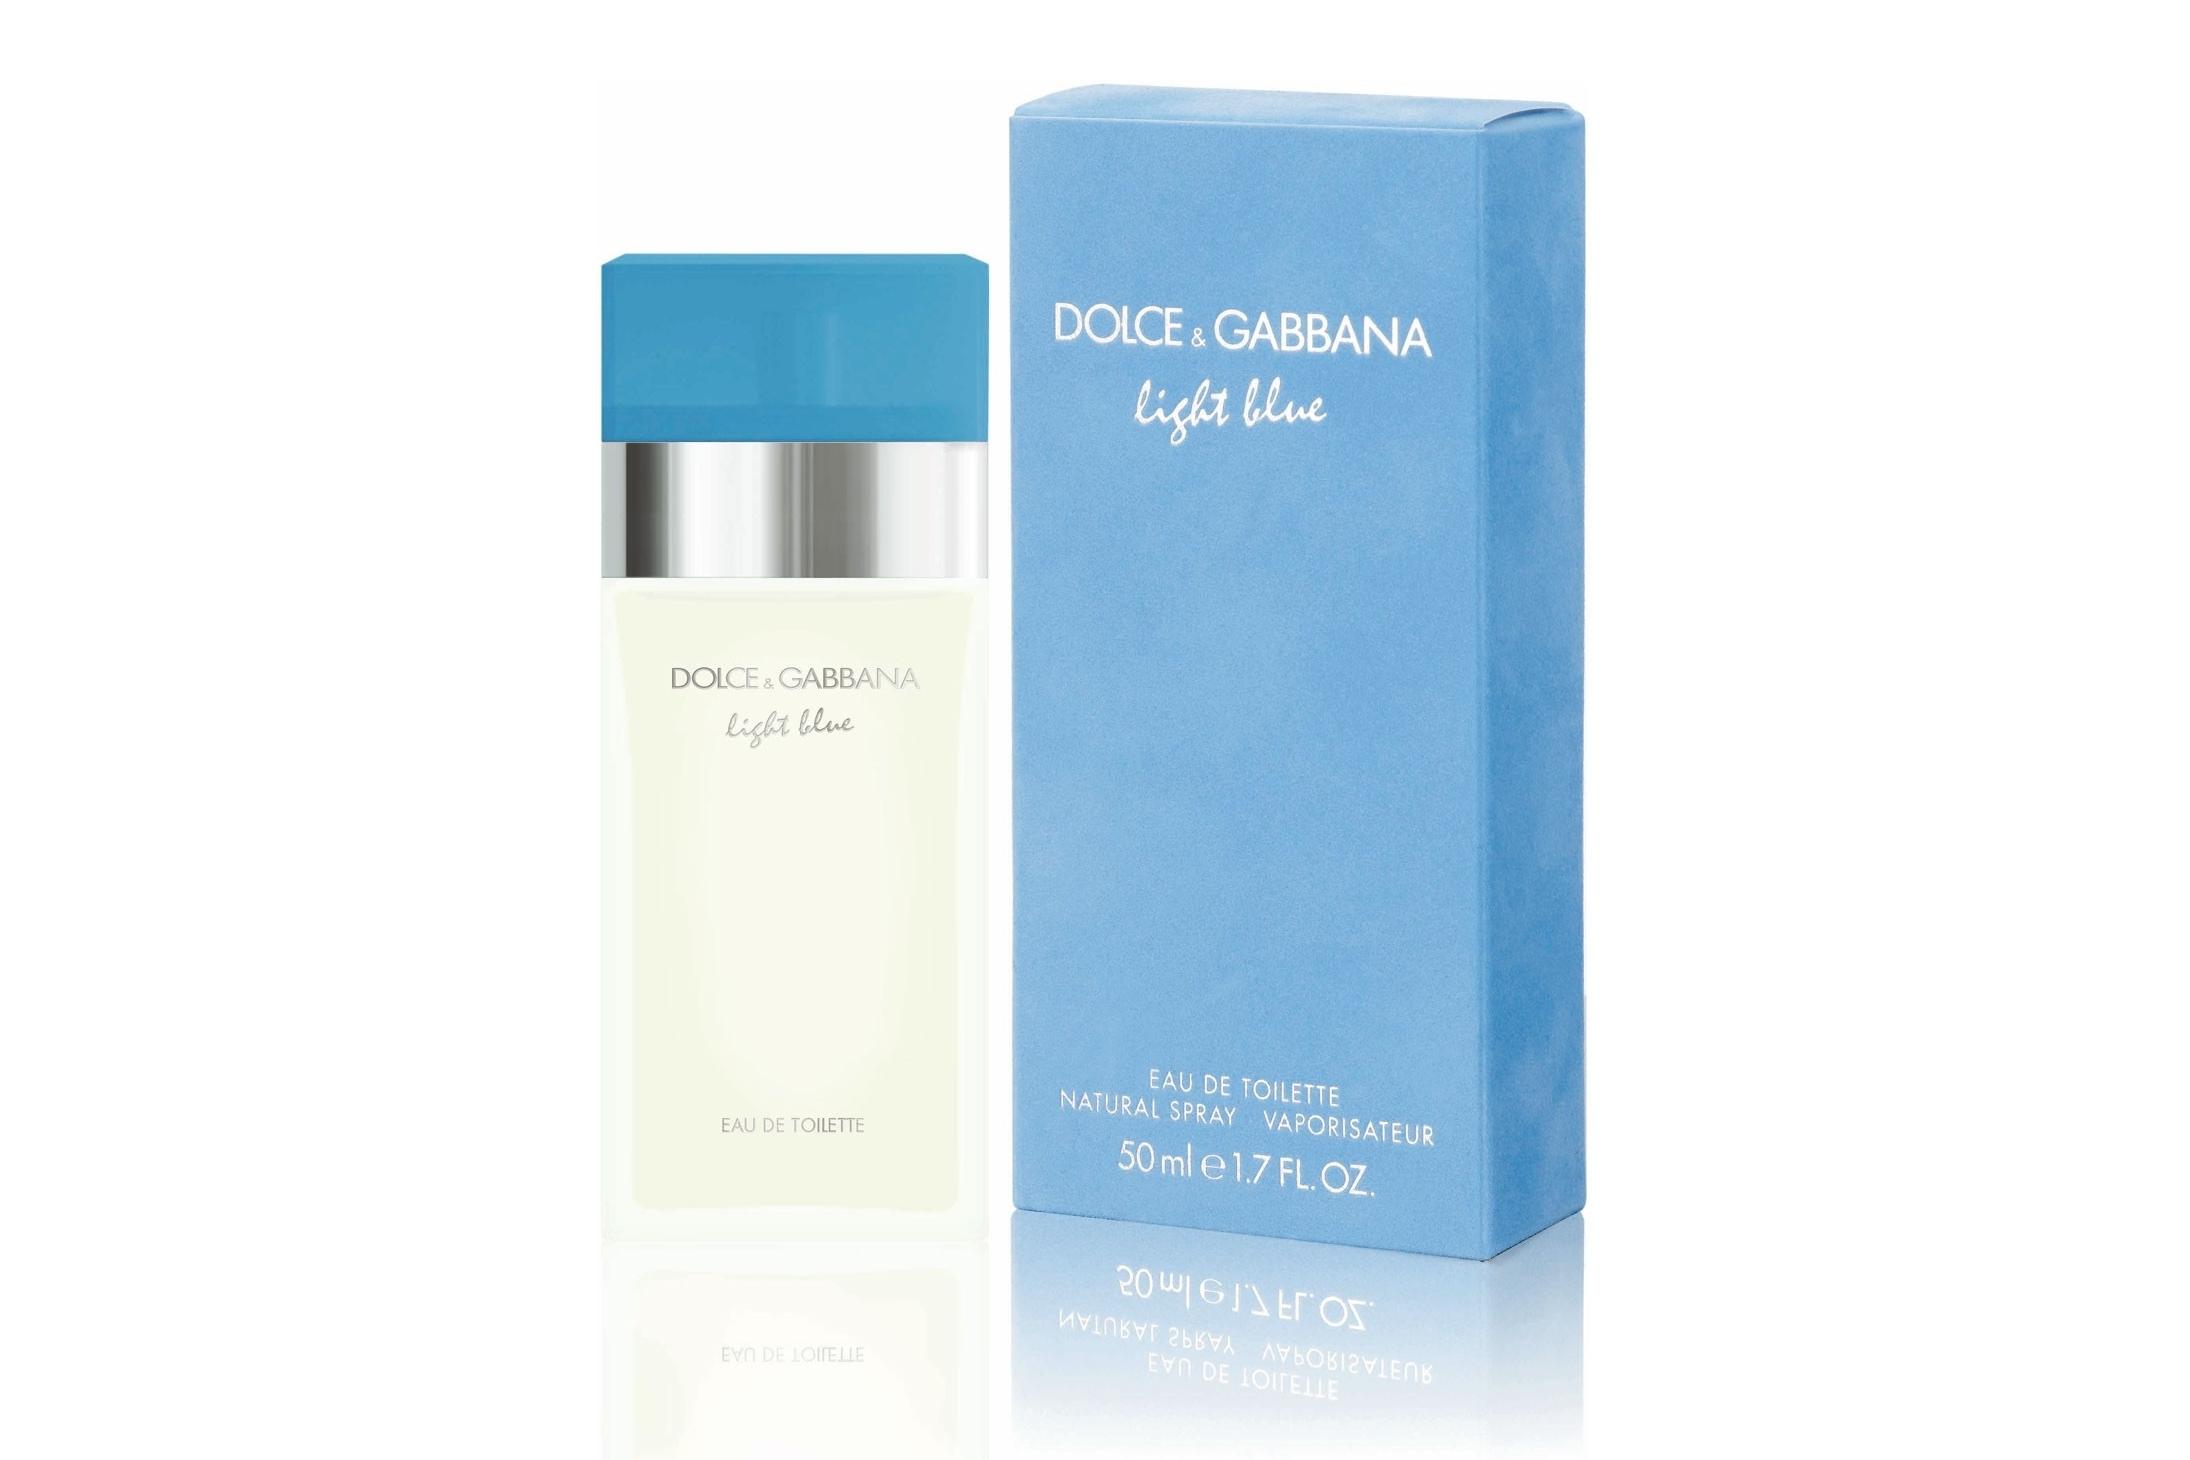 Попробуйте замечательный аромат Dolce & Gabbana Light Blue - ощутите все прелести и краски средиземноморской жизни! Откройте для себя эмоциональный, чувственный мир и вечный праздник, состоящий из тёплого лета, ярких солнечных дней, прозрачного голубого моря и красочных вечеров Средиземноморья! Этот удивительно свежий и сочный цветочно-фруктовый аромат - подлинное отражение эротизма и сексуальности.  Dolce & Gabbana Light Blue выпускается уже полтора десятилетия. Доменико Дольче и Стефано Габбана рассказывают: